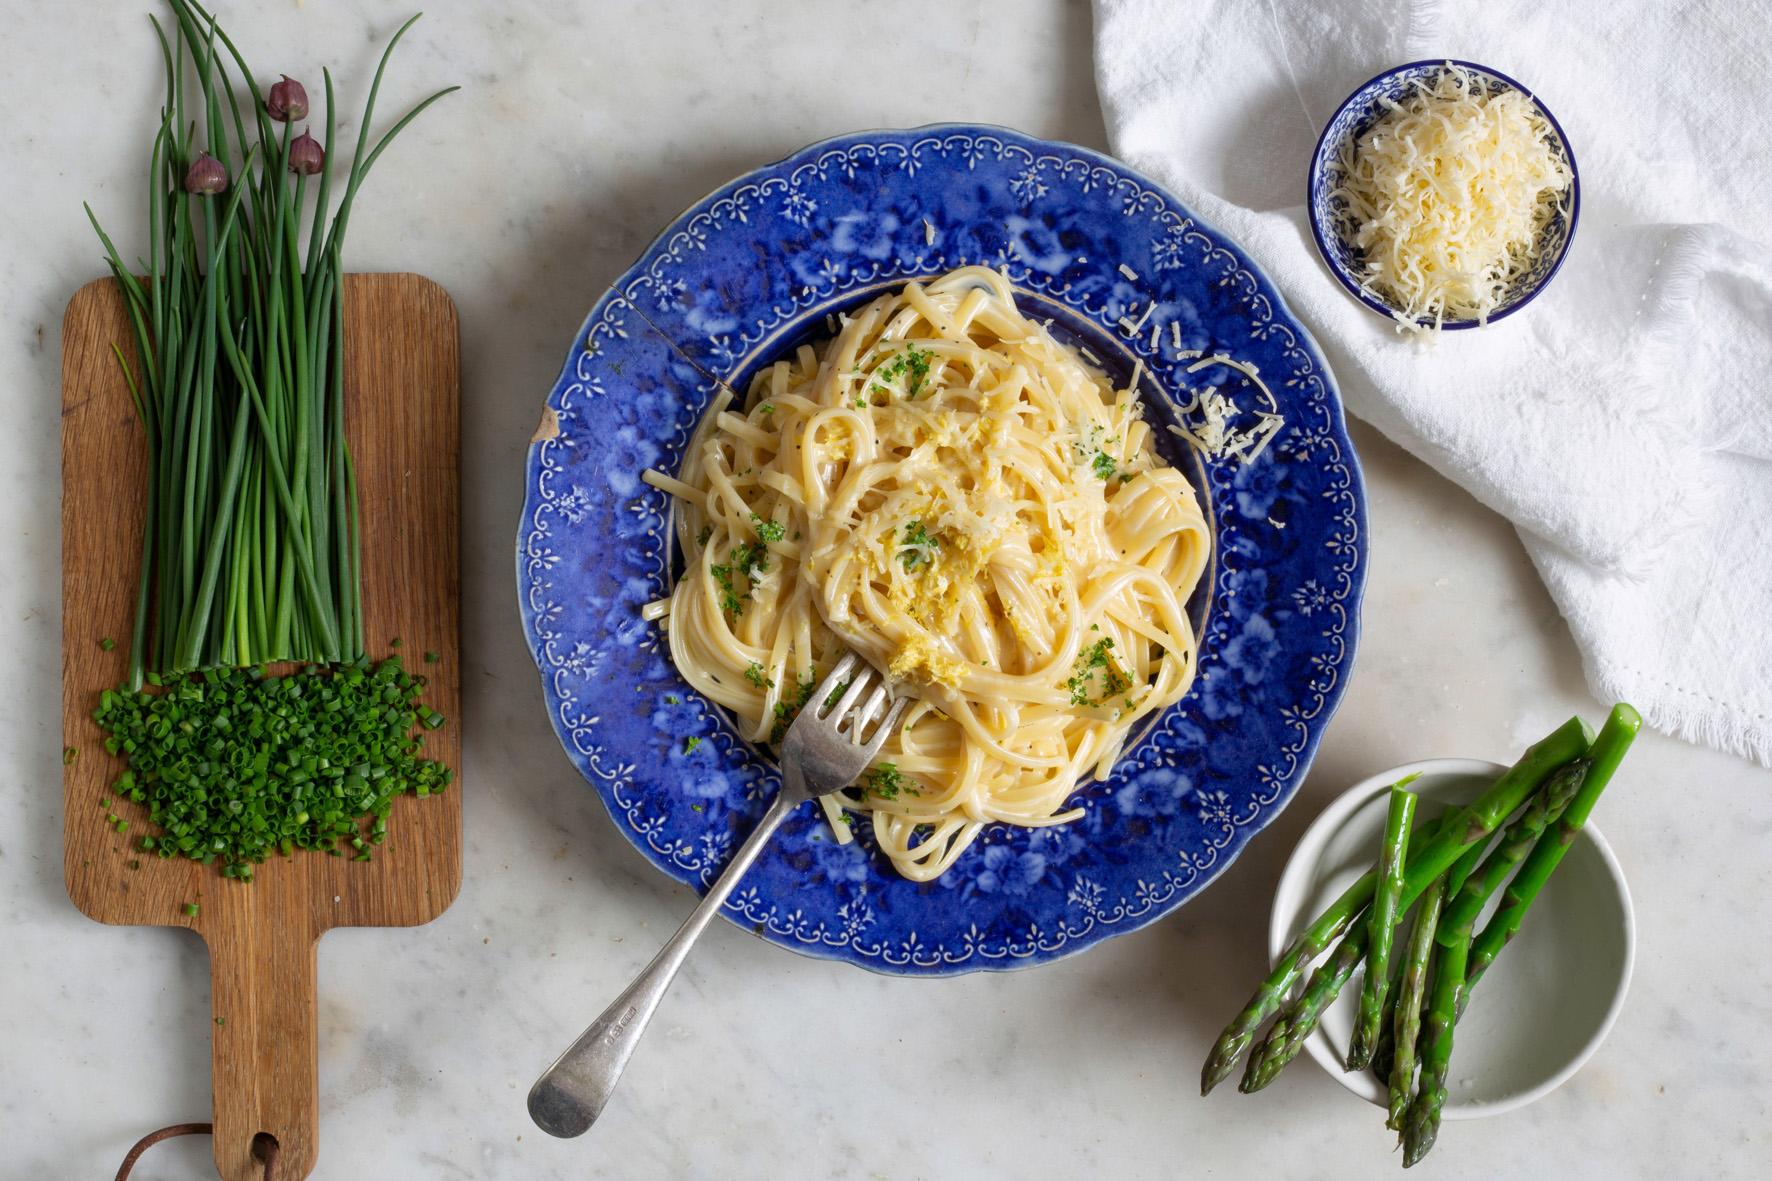 skogtillbord-pasta-limone-maj20